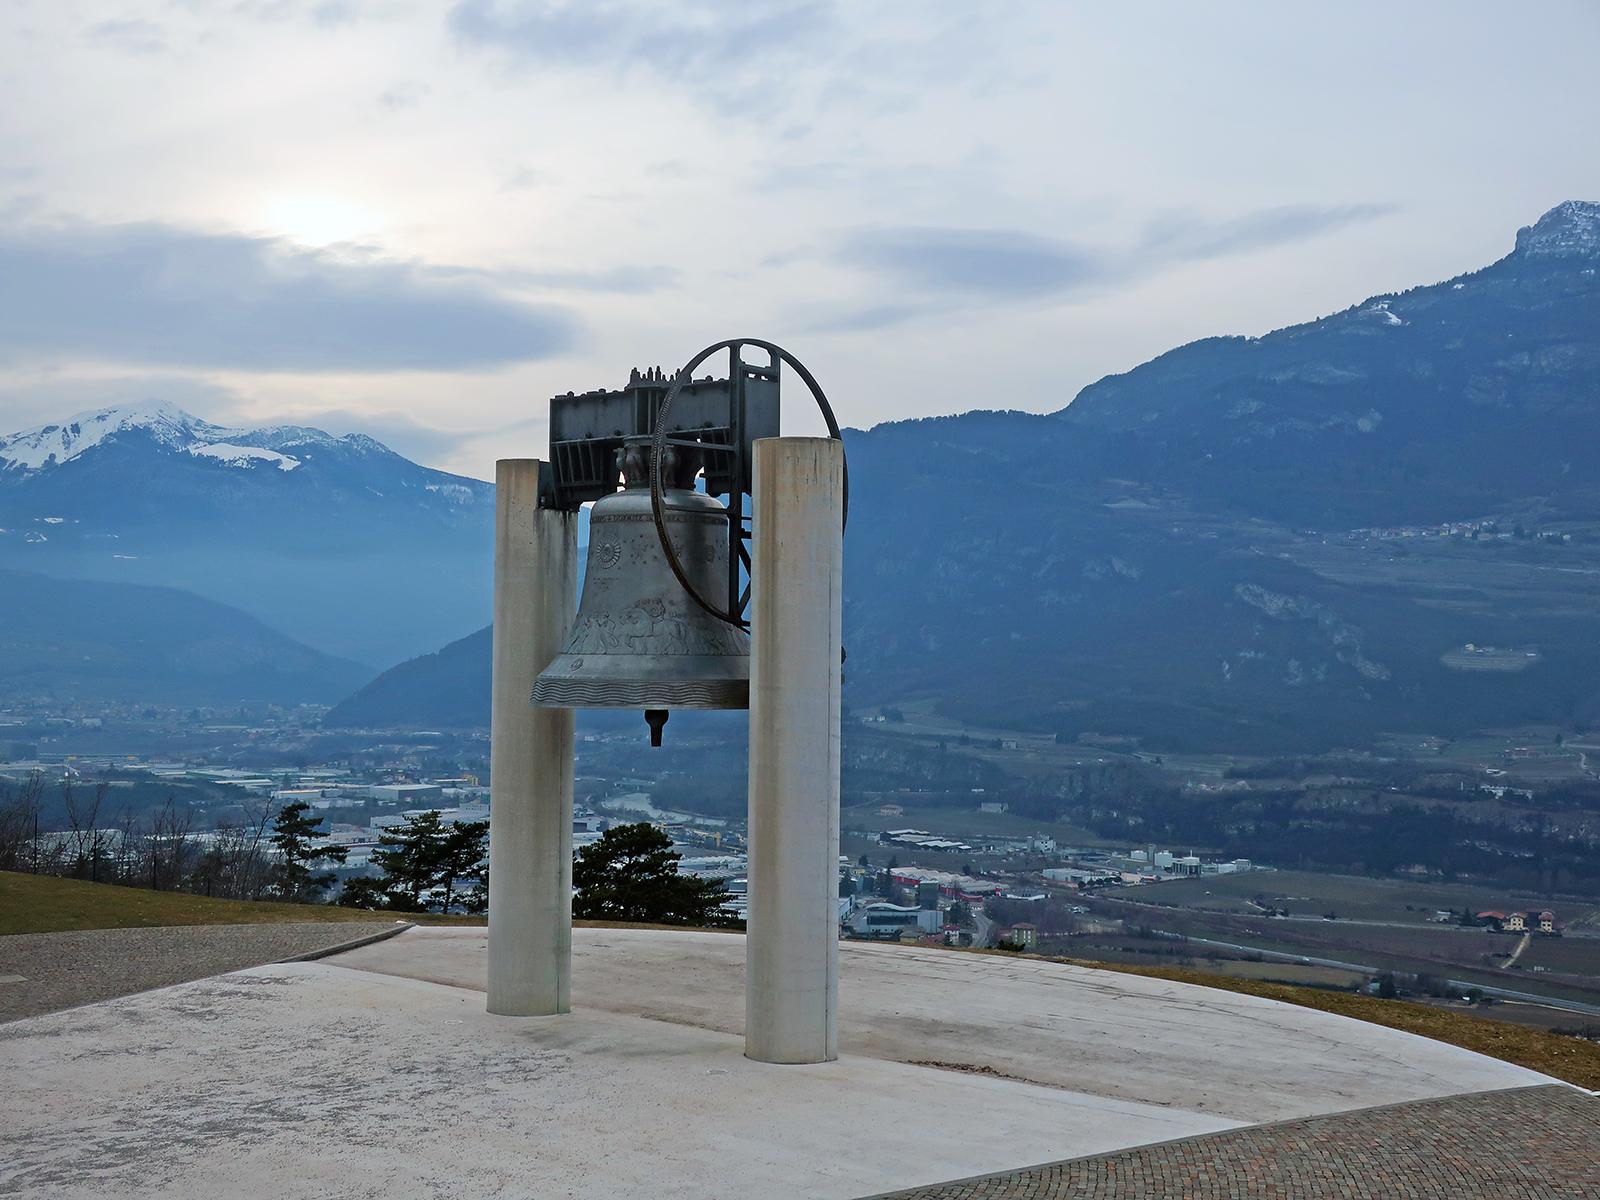 100 Jahre, 100 Schläge: Der Klang der Friedensglocke in Rovereto